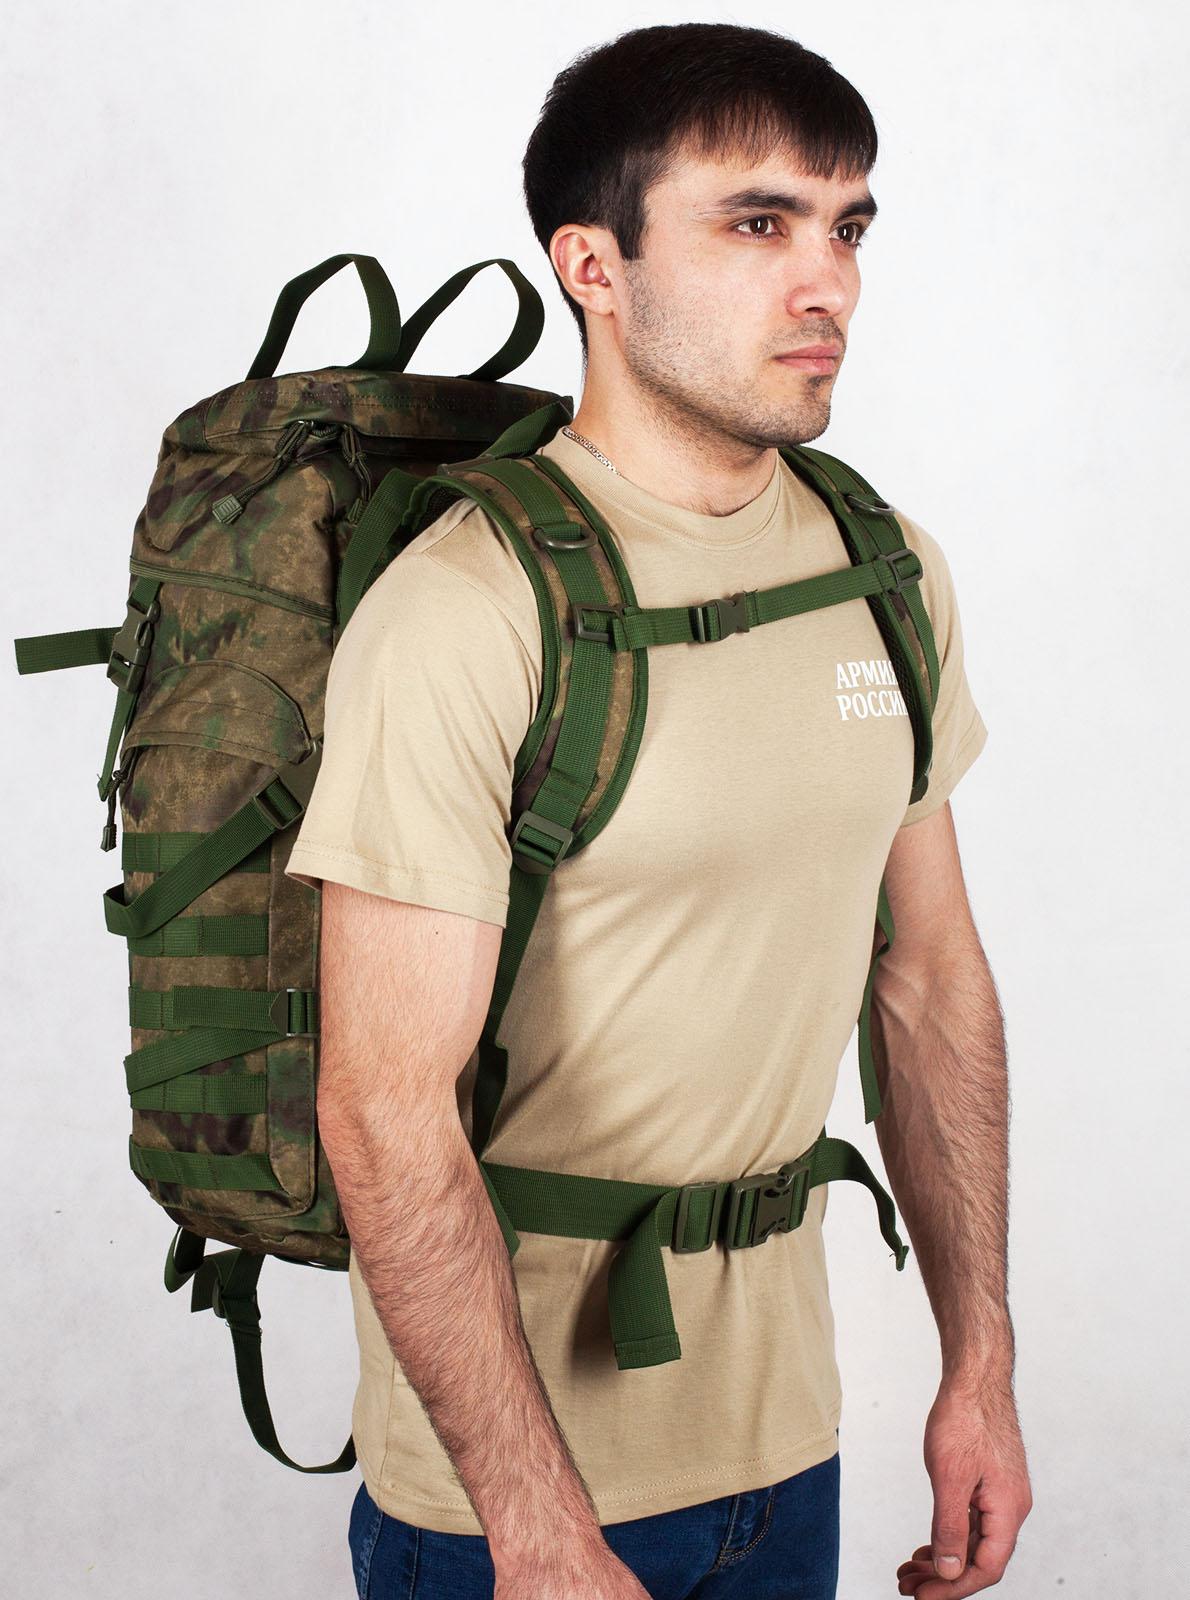 Армейский походный рюкзак камуфляж A-TACS FG с эмблемой МВД оптом в Военпро